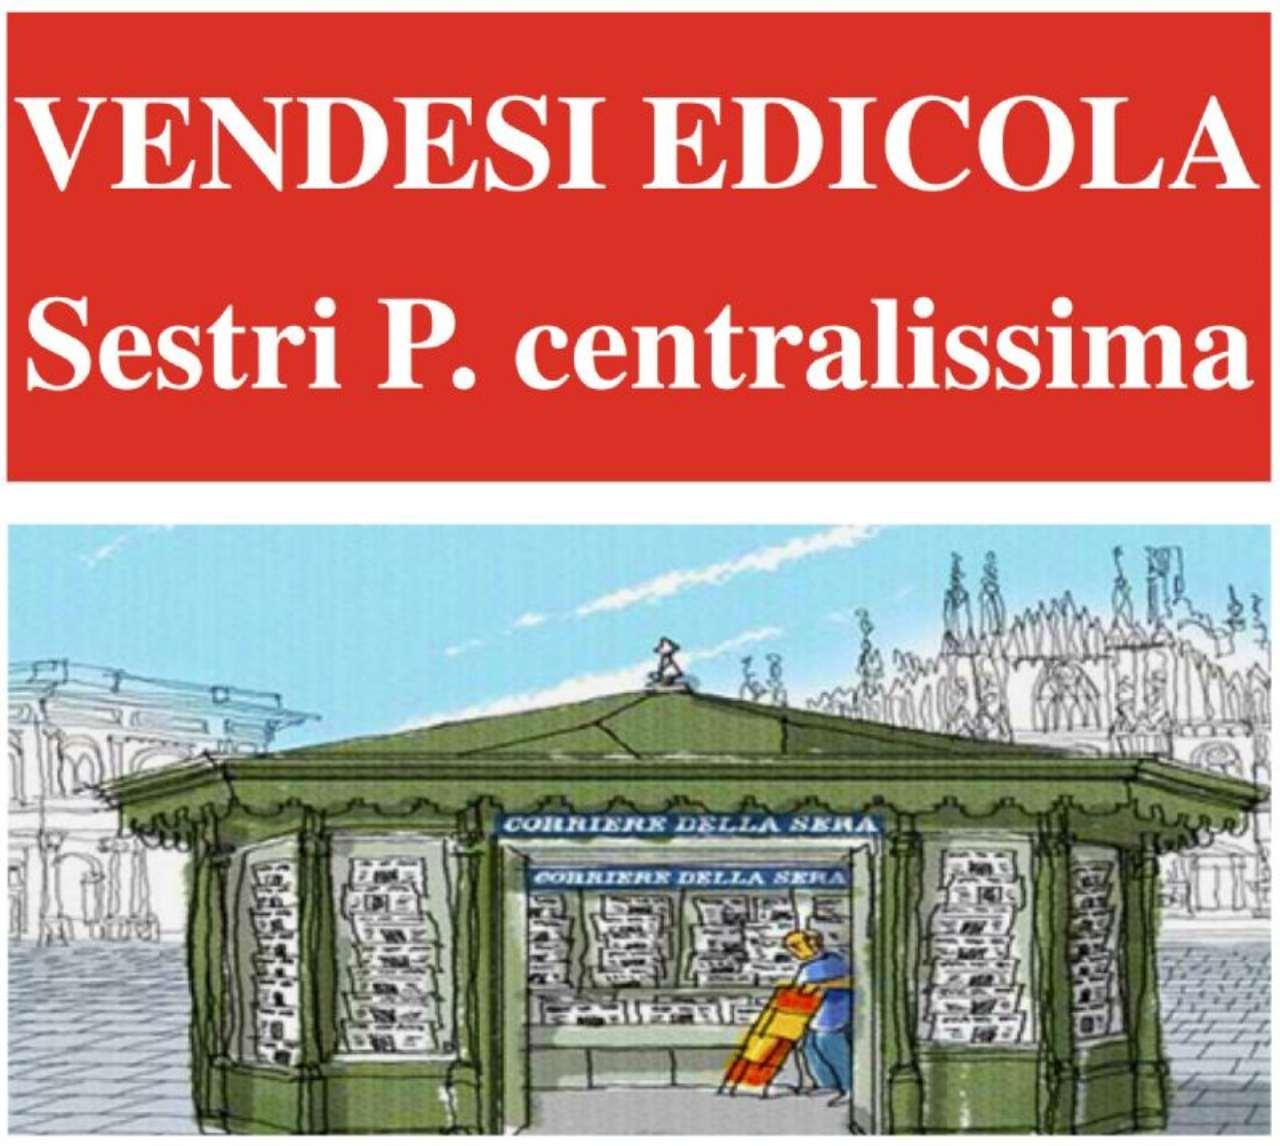 Genova Vendita CARTOLIBRERIE EDICOLE Immagine 0